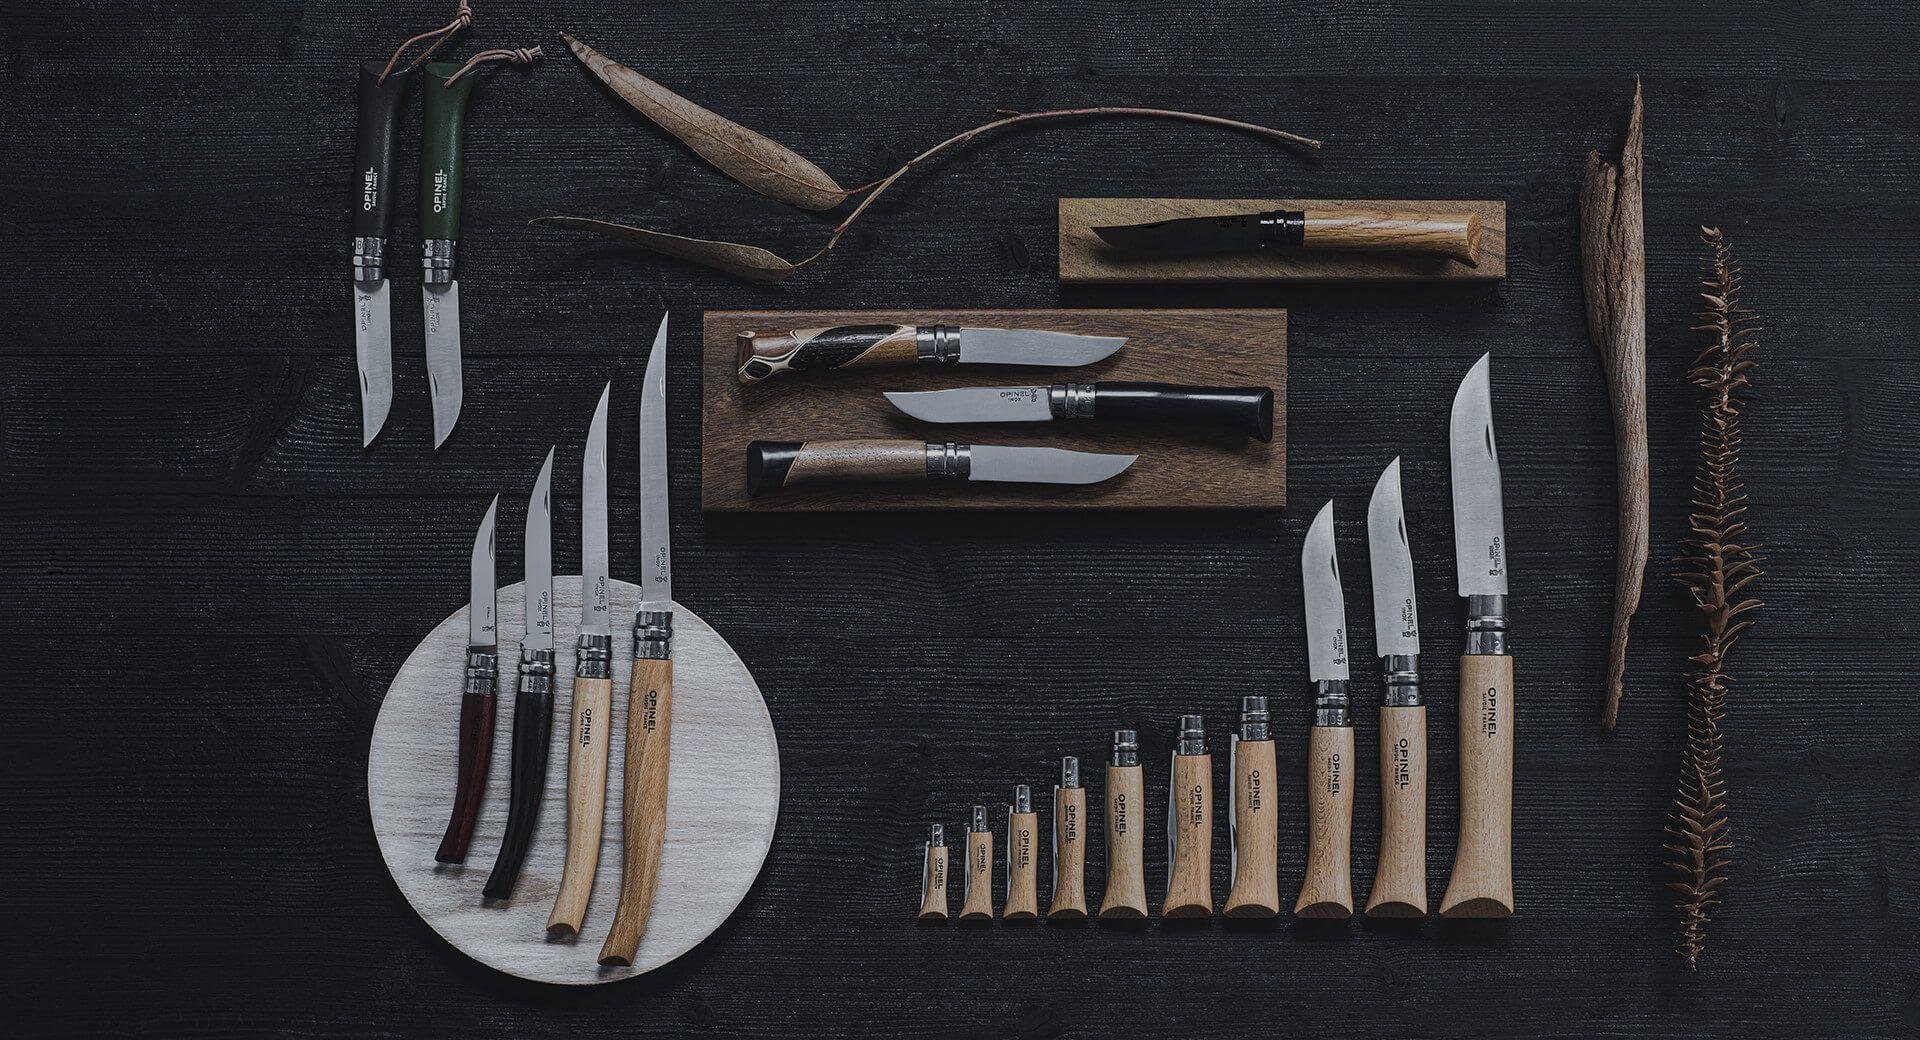 quel couteau choisir pour un cadeau